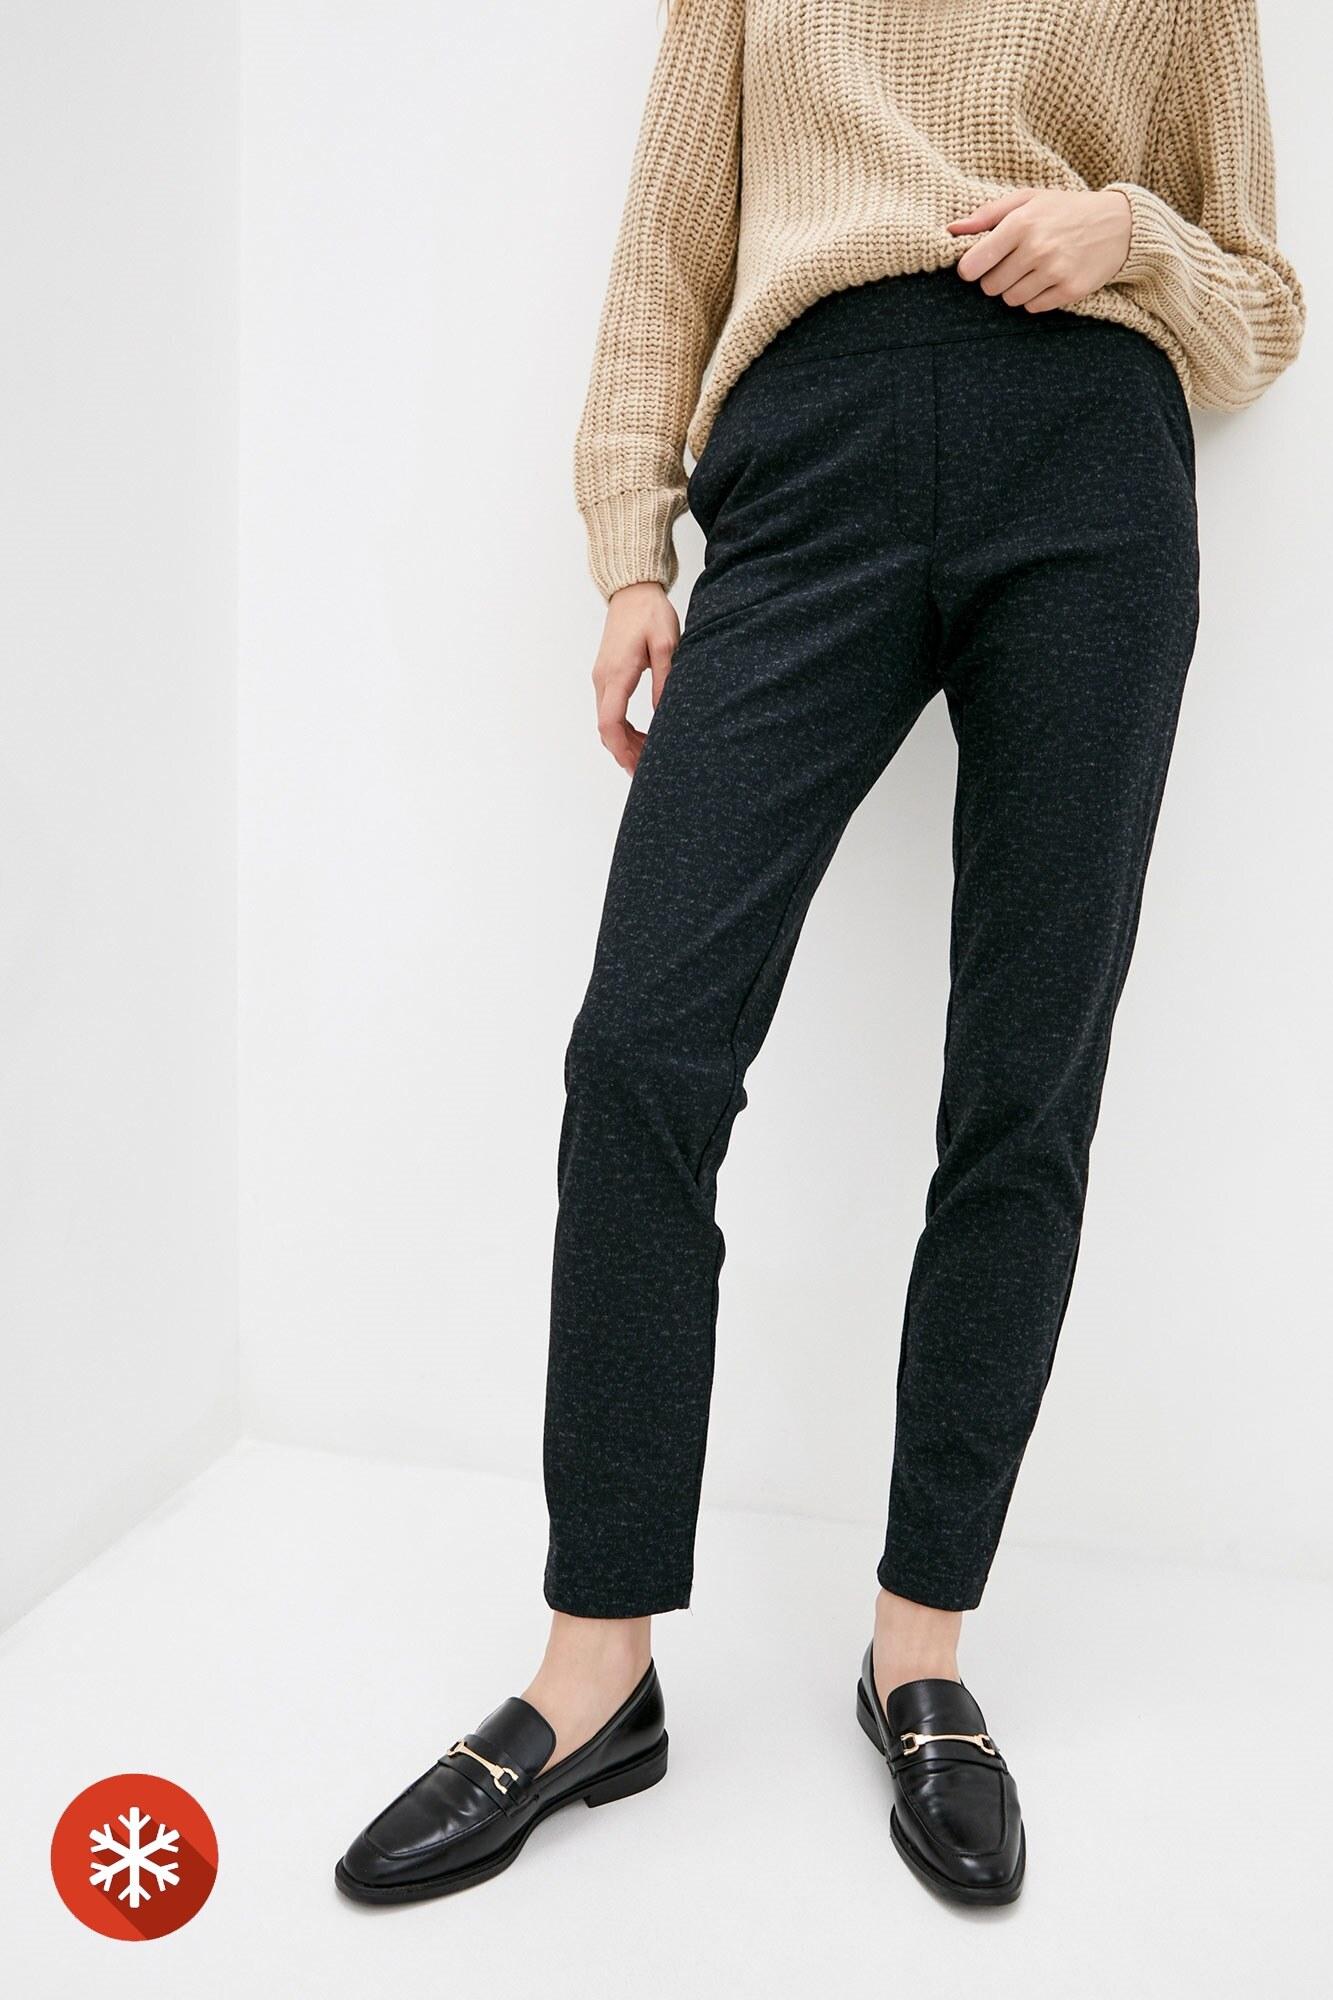 Полушерстяные прямые брюки на осень